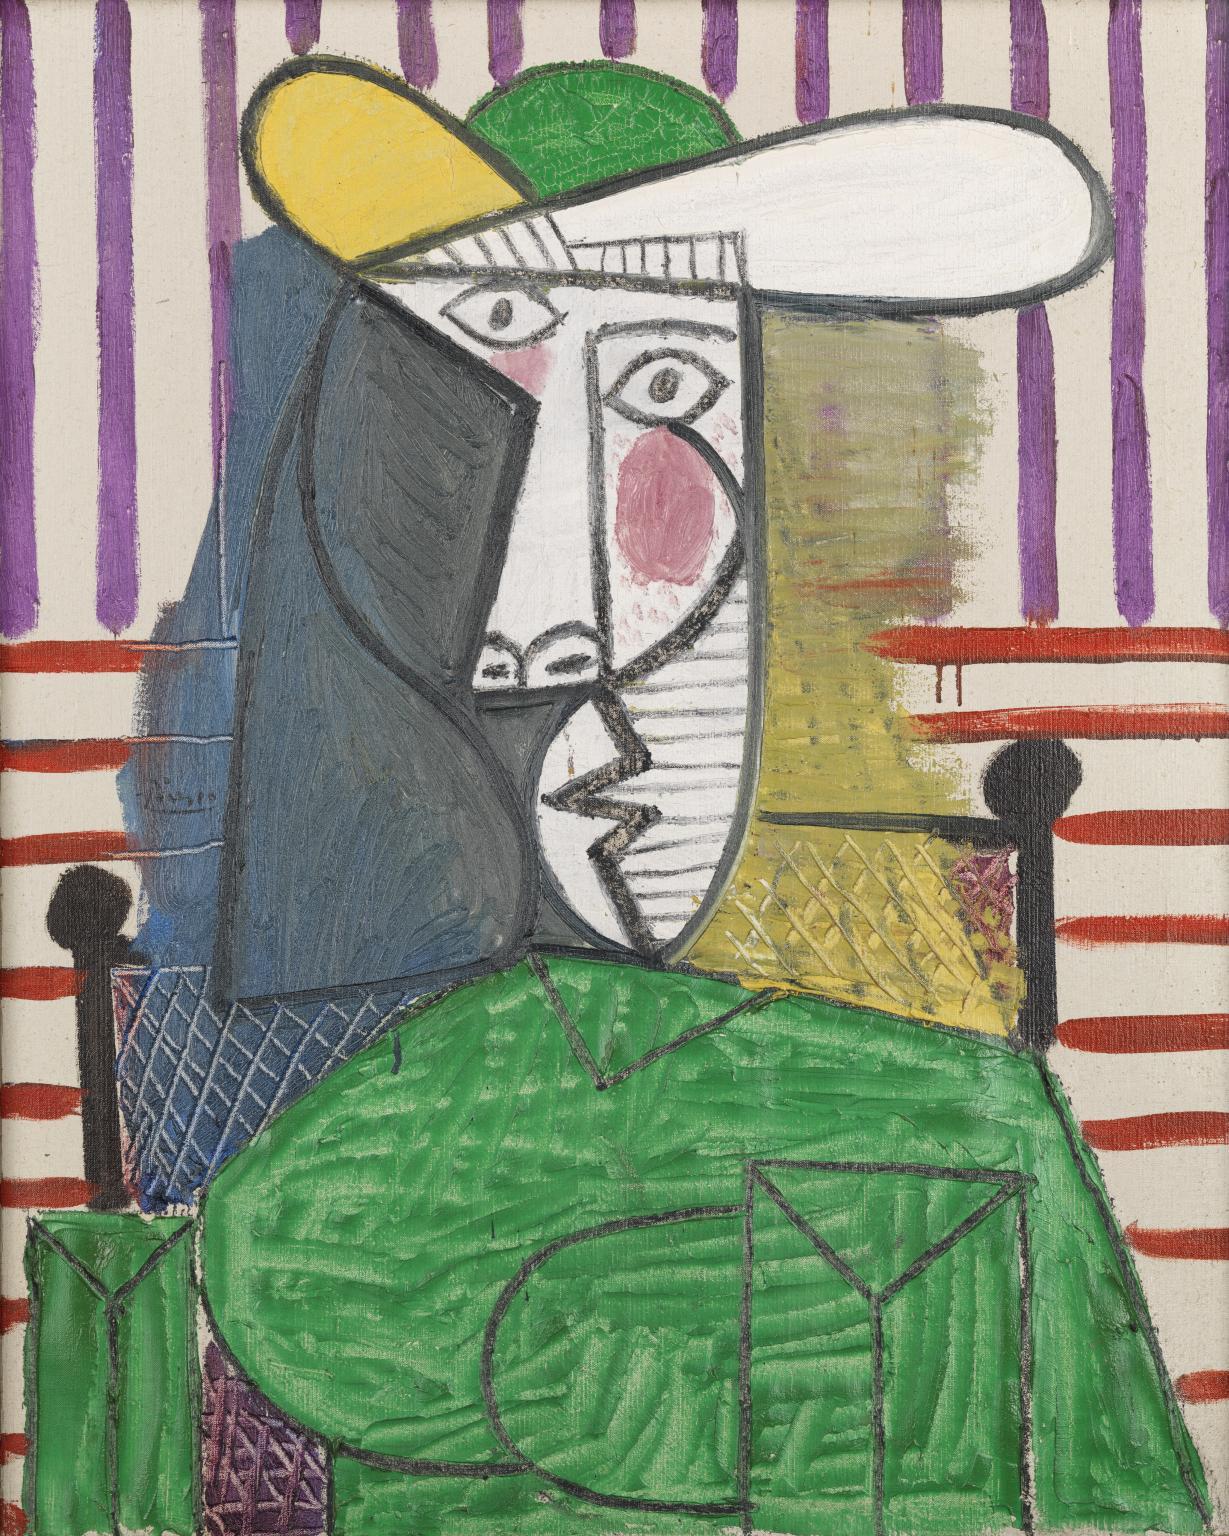 Londra, ventenne sfregia dipinto di Picasso alla Tate Modern